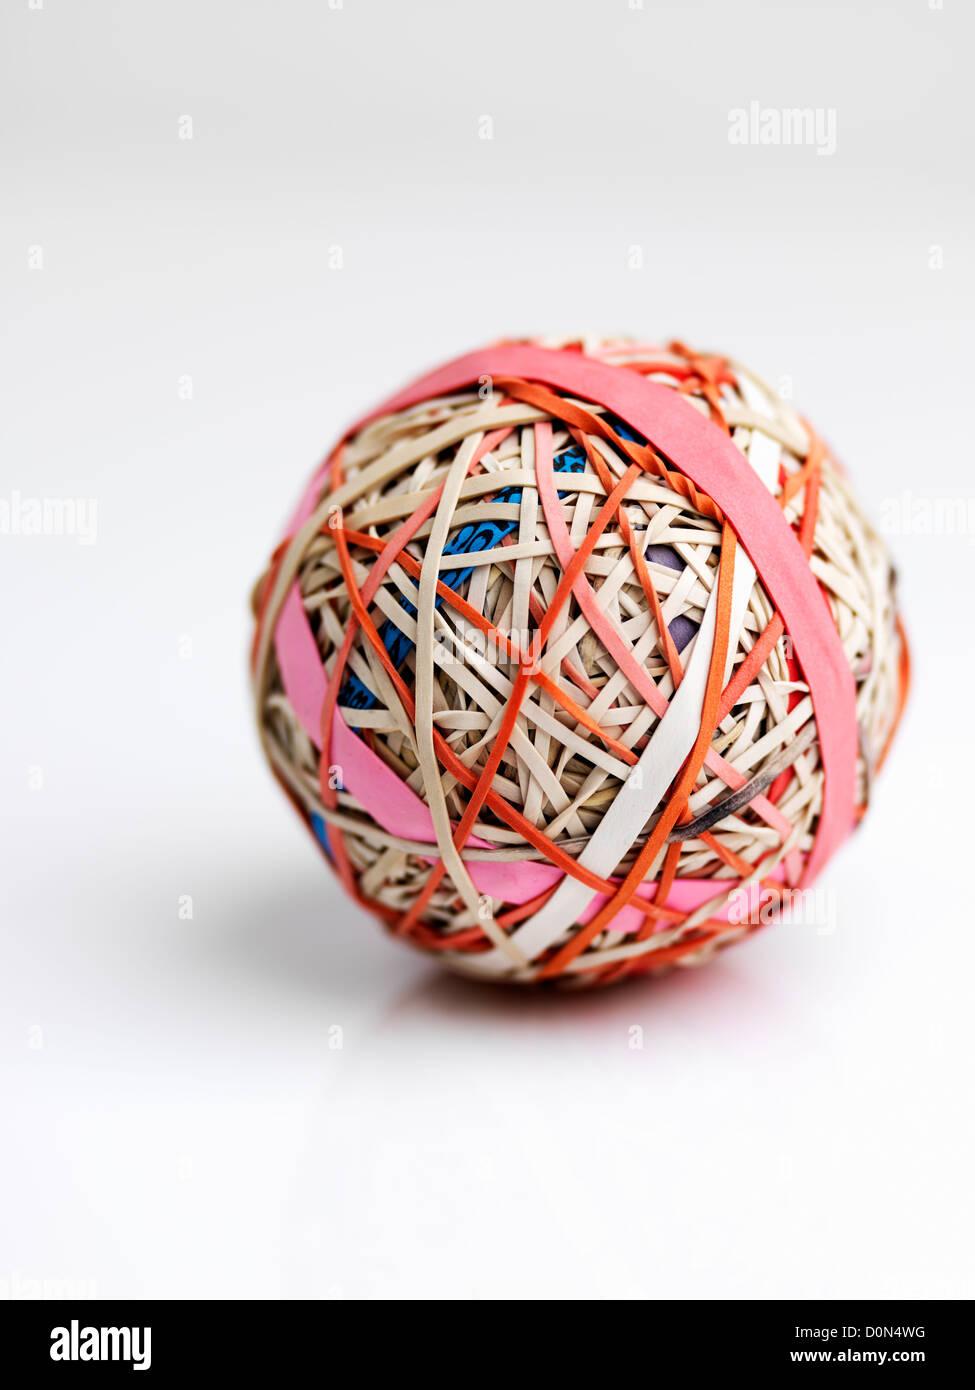 Banda de goma de la bola, la bola de bandas elásticas herida uno encima de otro Foto de stock